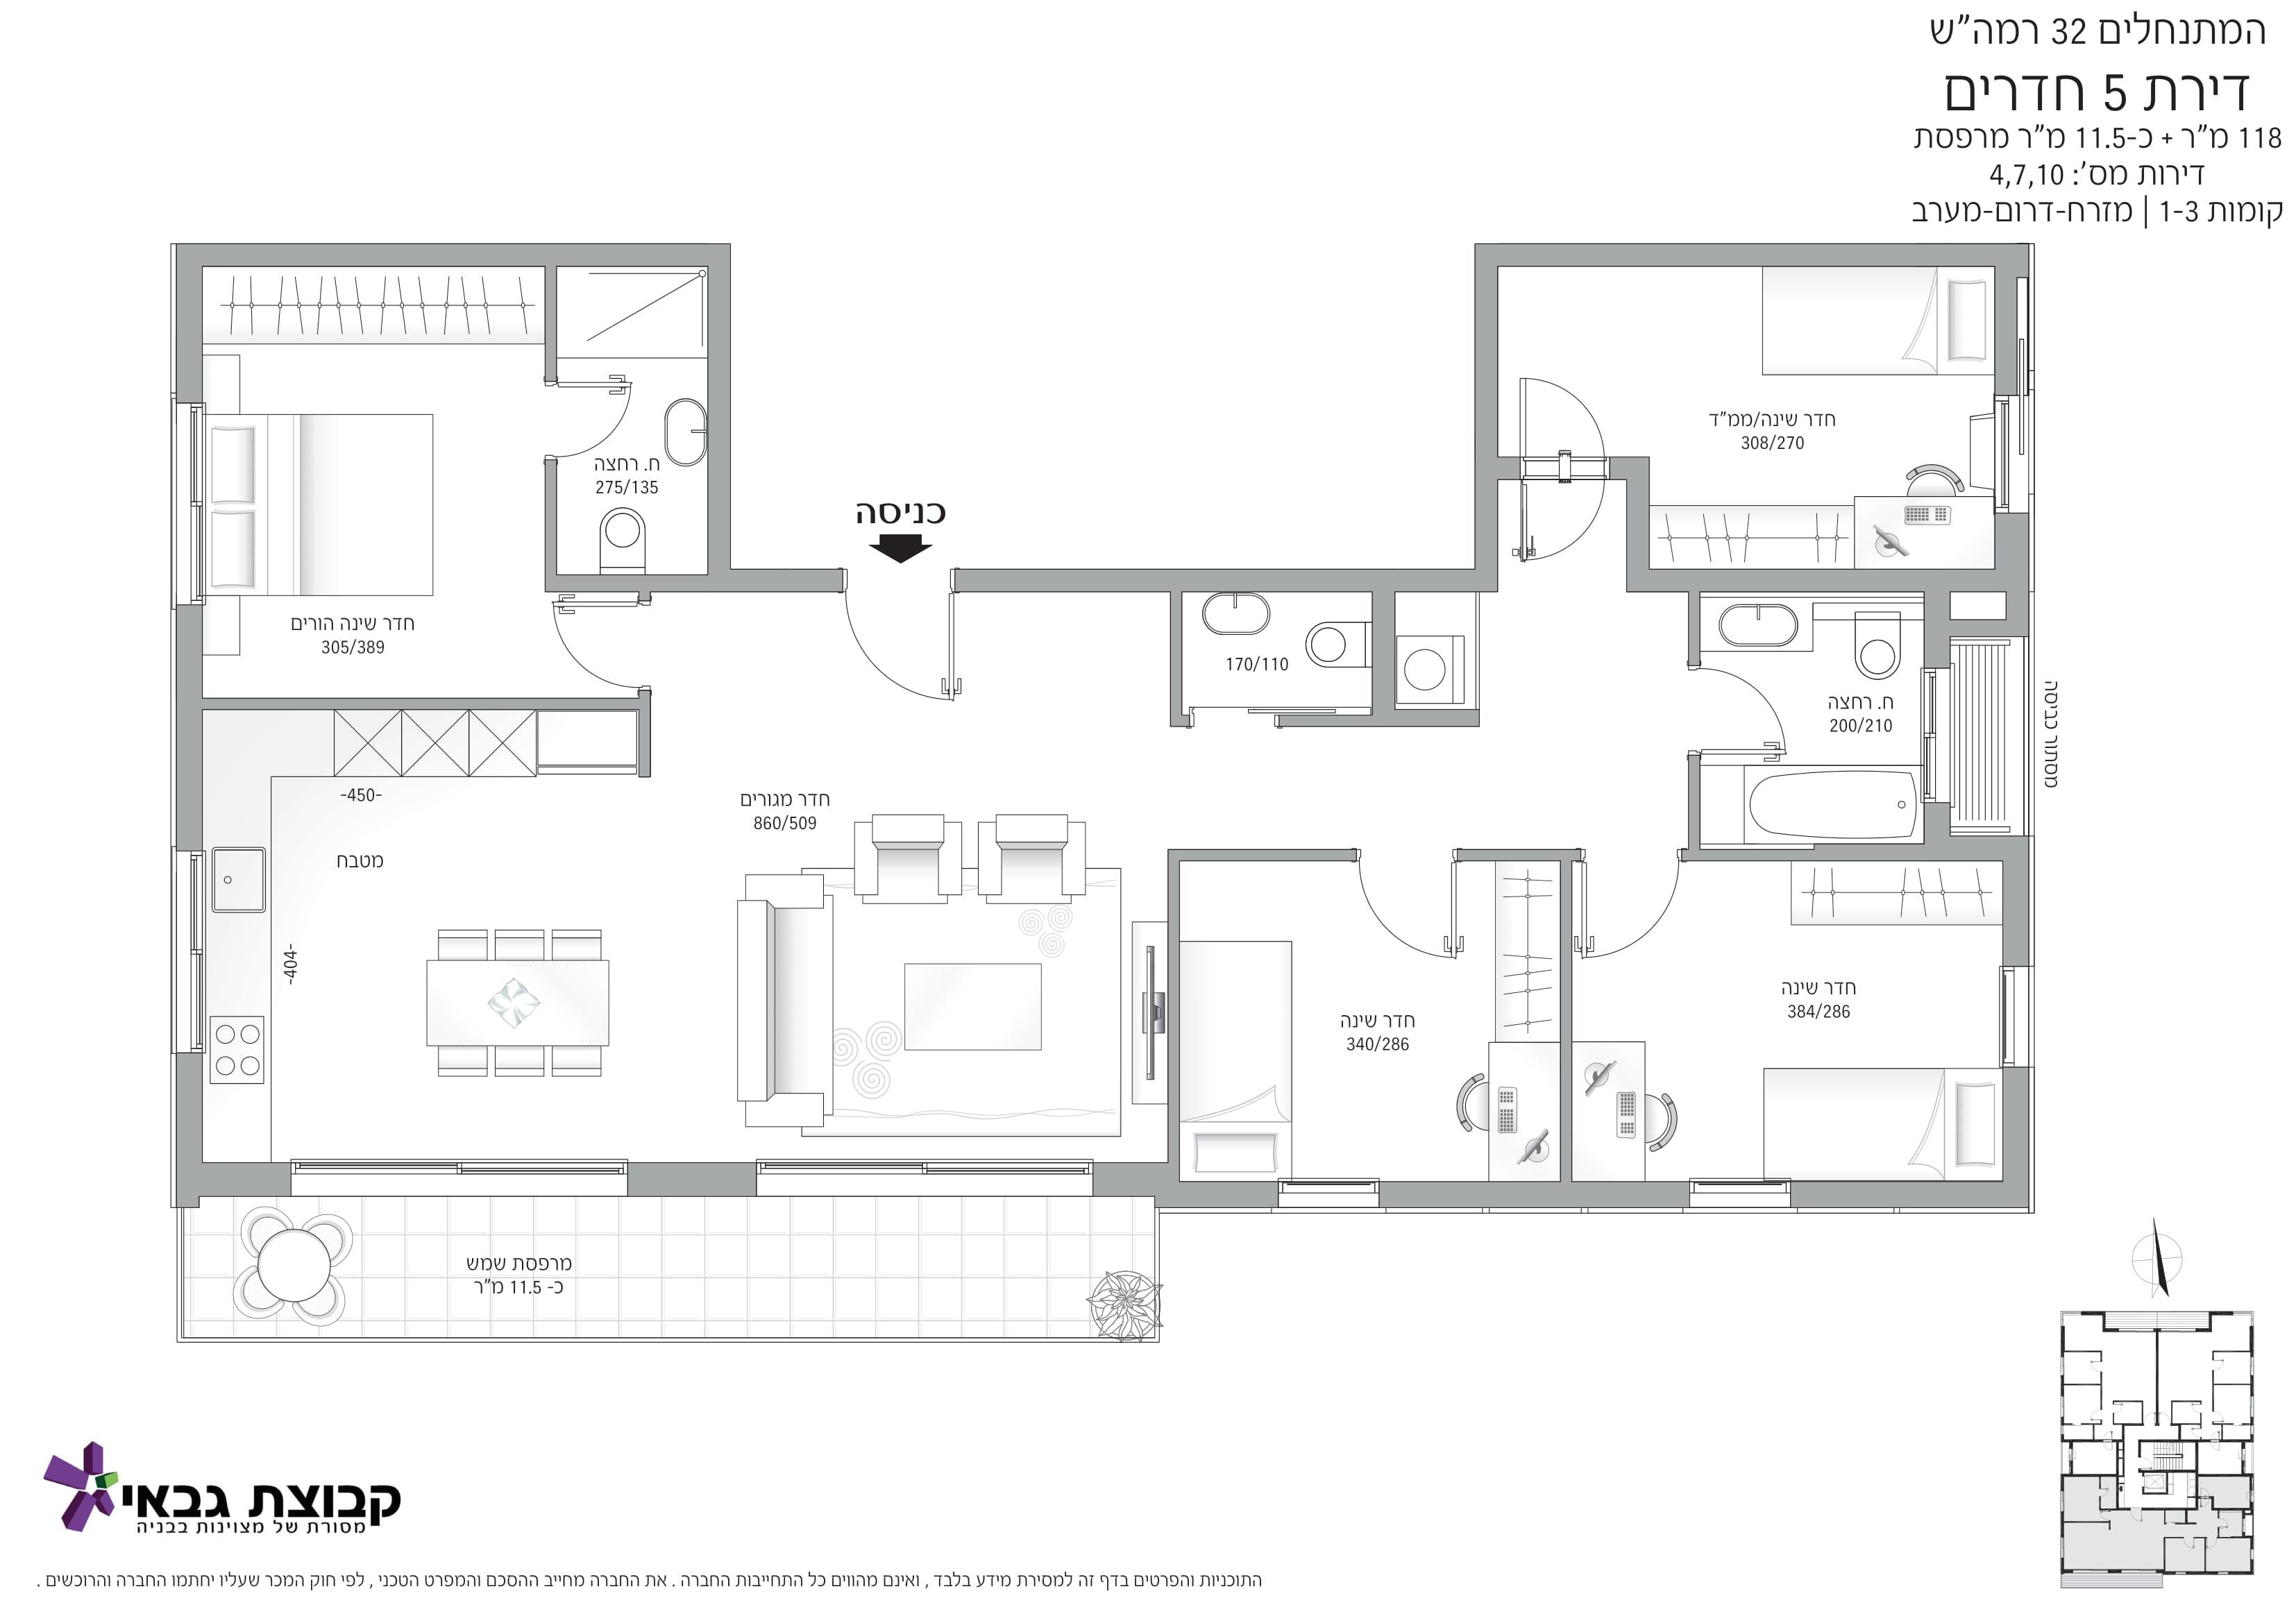 דירת 5 חדרים כיוונים מזרח דרום מערב-1